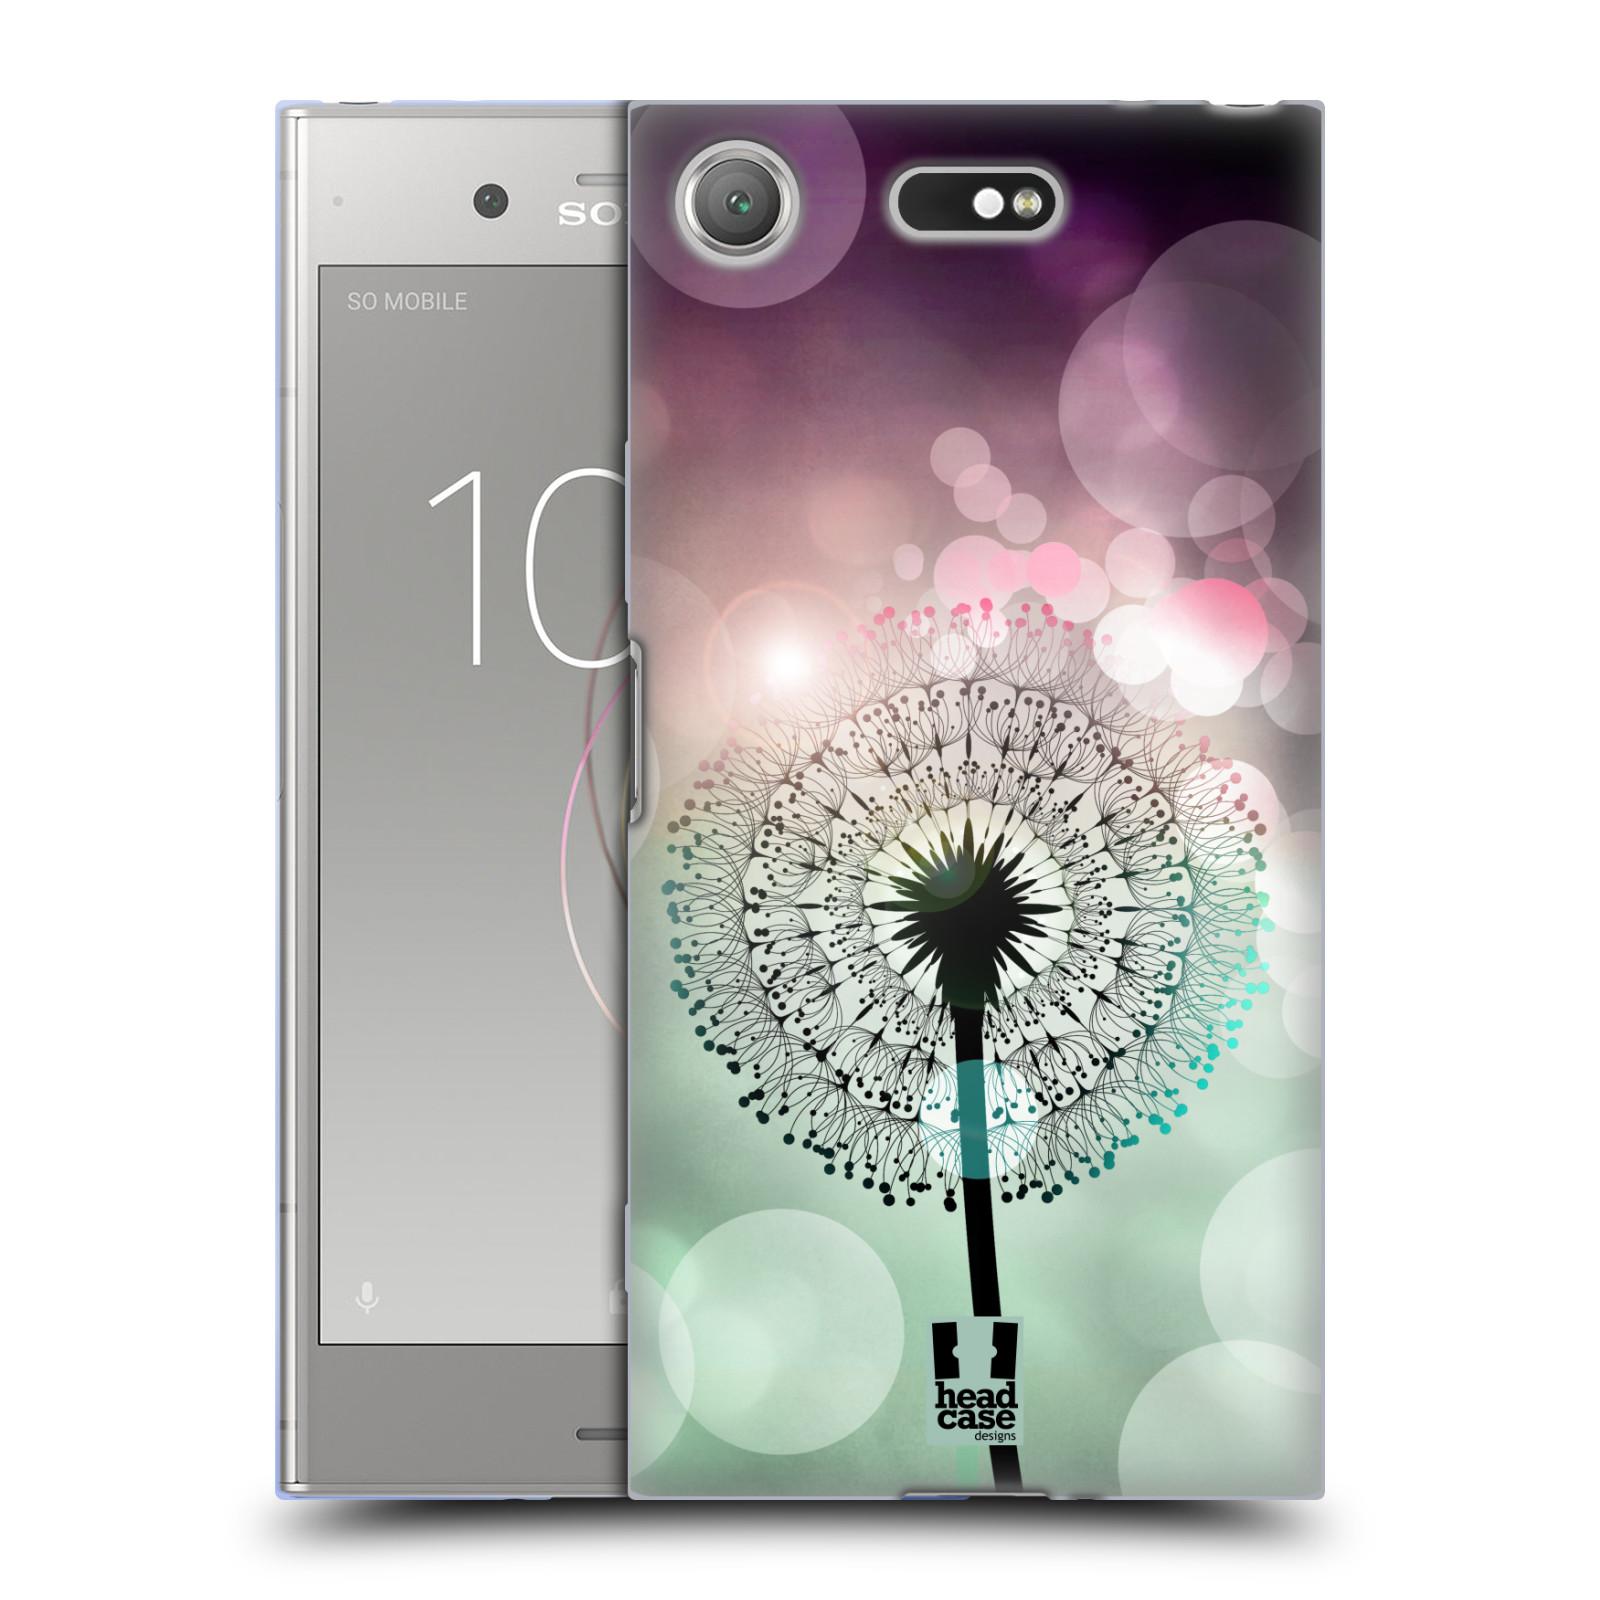 Silikonové pouzdro na mobil Sony Xperia XZ1 Compact - Head Case - Pampeliškové odlesky